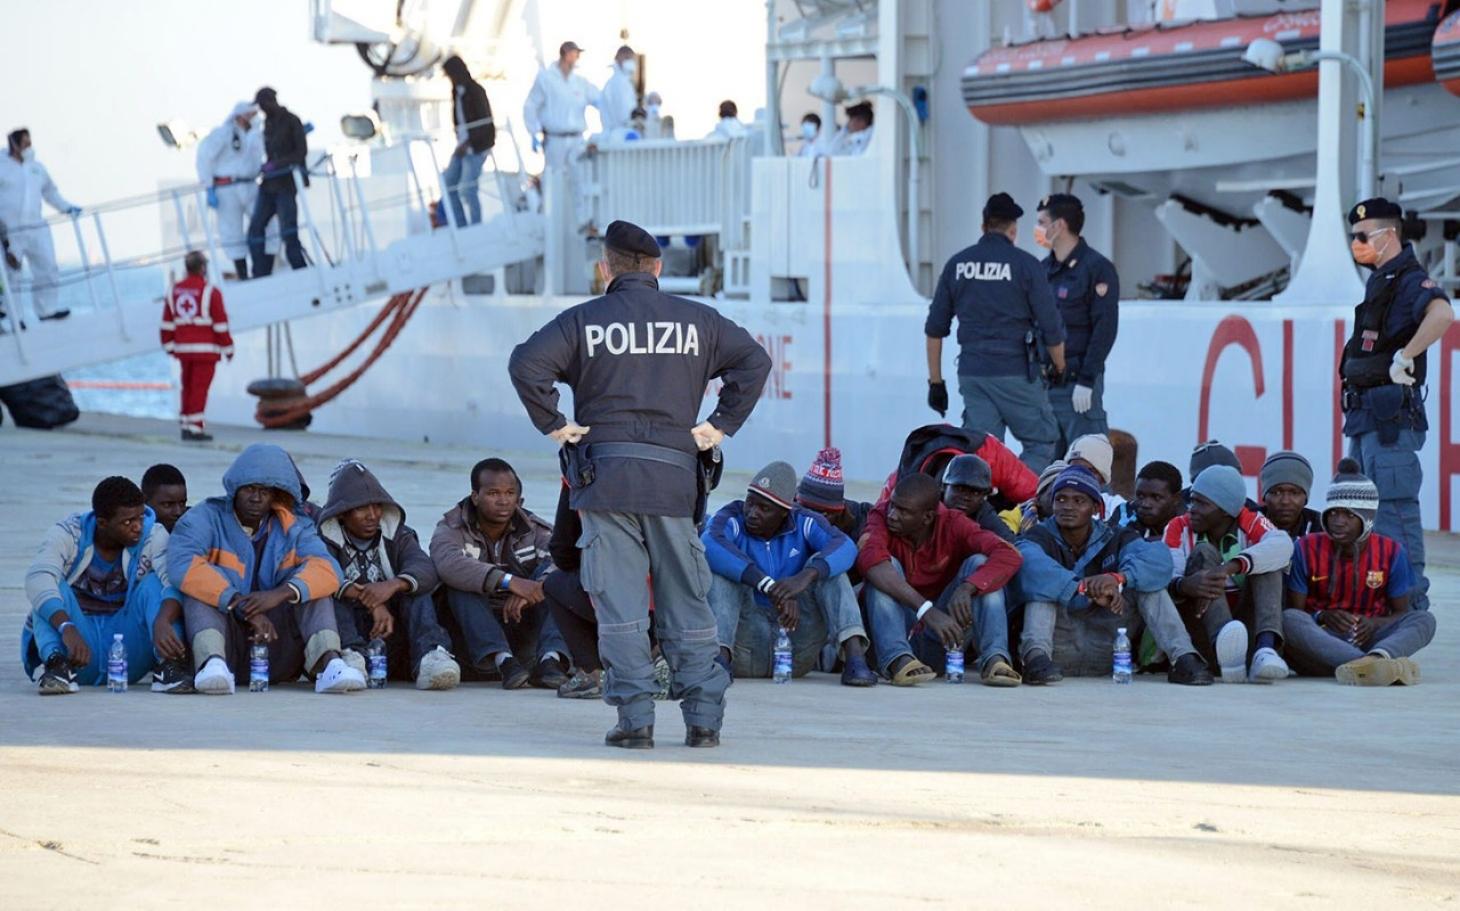 İtalya'da göçmenler için toplanan para, papaz eliyle mafyaya aktarılmış